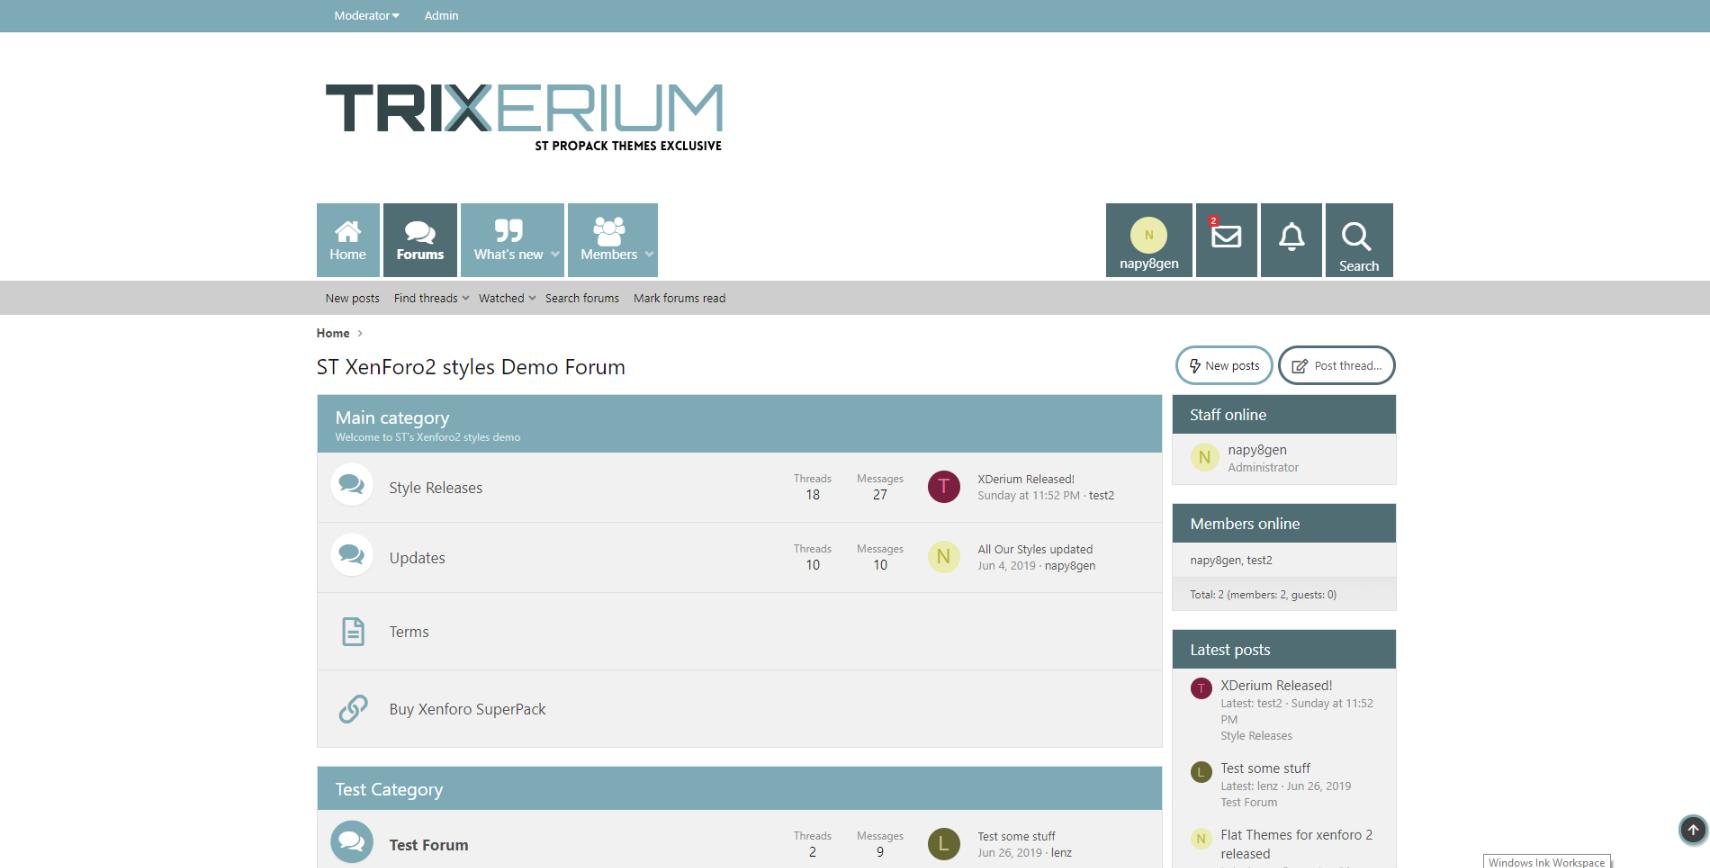 Trixerium Glacier - Trixerium xf2